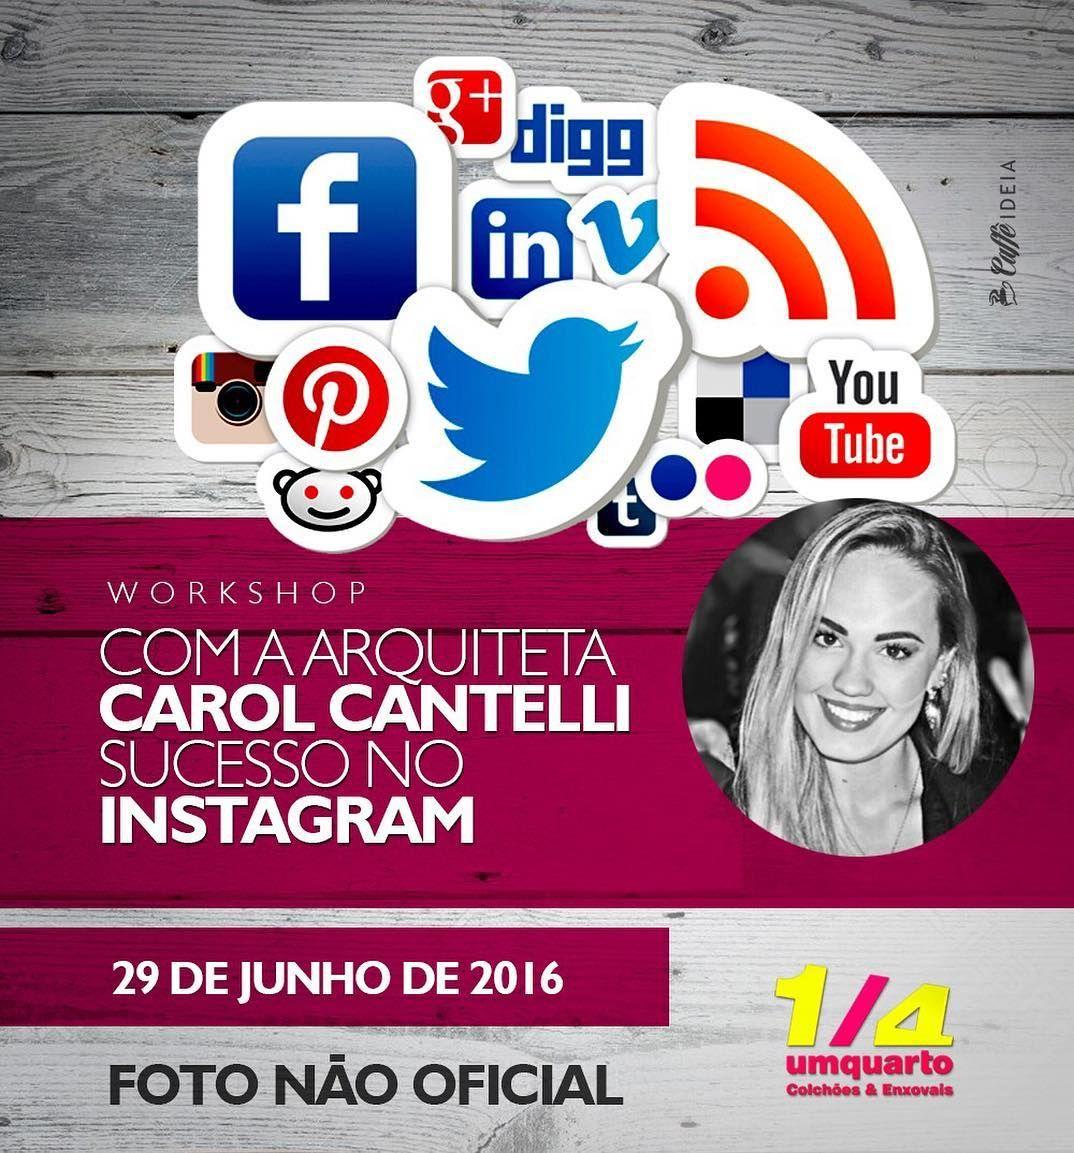 Alô CAMPO GRANDE  Conforme expliquei no Snap!   Quer ganhar um convite para o meu workshop do dia 29/06?!  Participe do nosso sorteio seguindo as seguintes regras: Marque 3 amigos de preferência arquitetos e designers nos comentários da foto oficial que encontra-se no instagram da @umquarto_cochoes Curta a foto oficial Siga @umquarto_cochoes no instagram Siga @carolcantelli_interiores no instagram  Corre porque a promoção é até as 12:00 do dia 27/06.  Boa sorteee!!